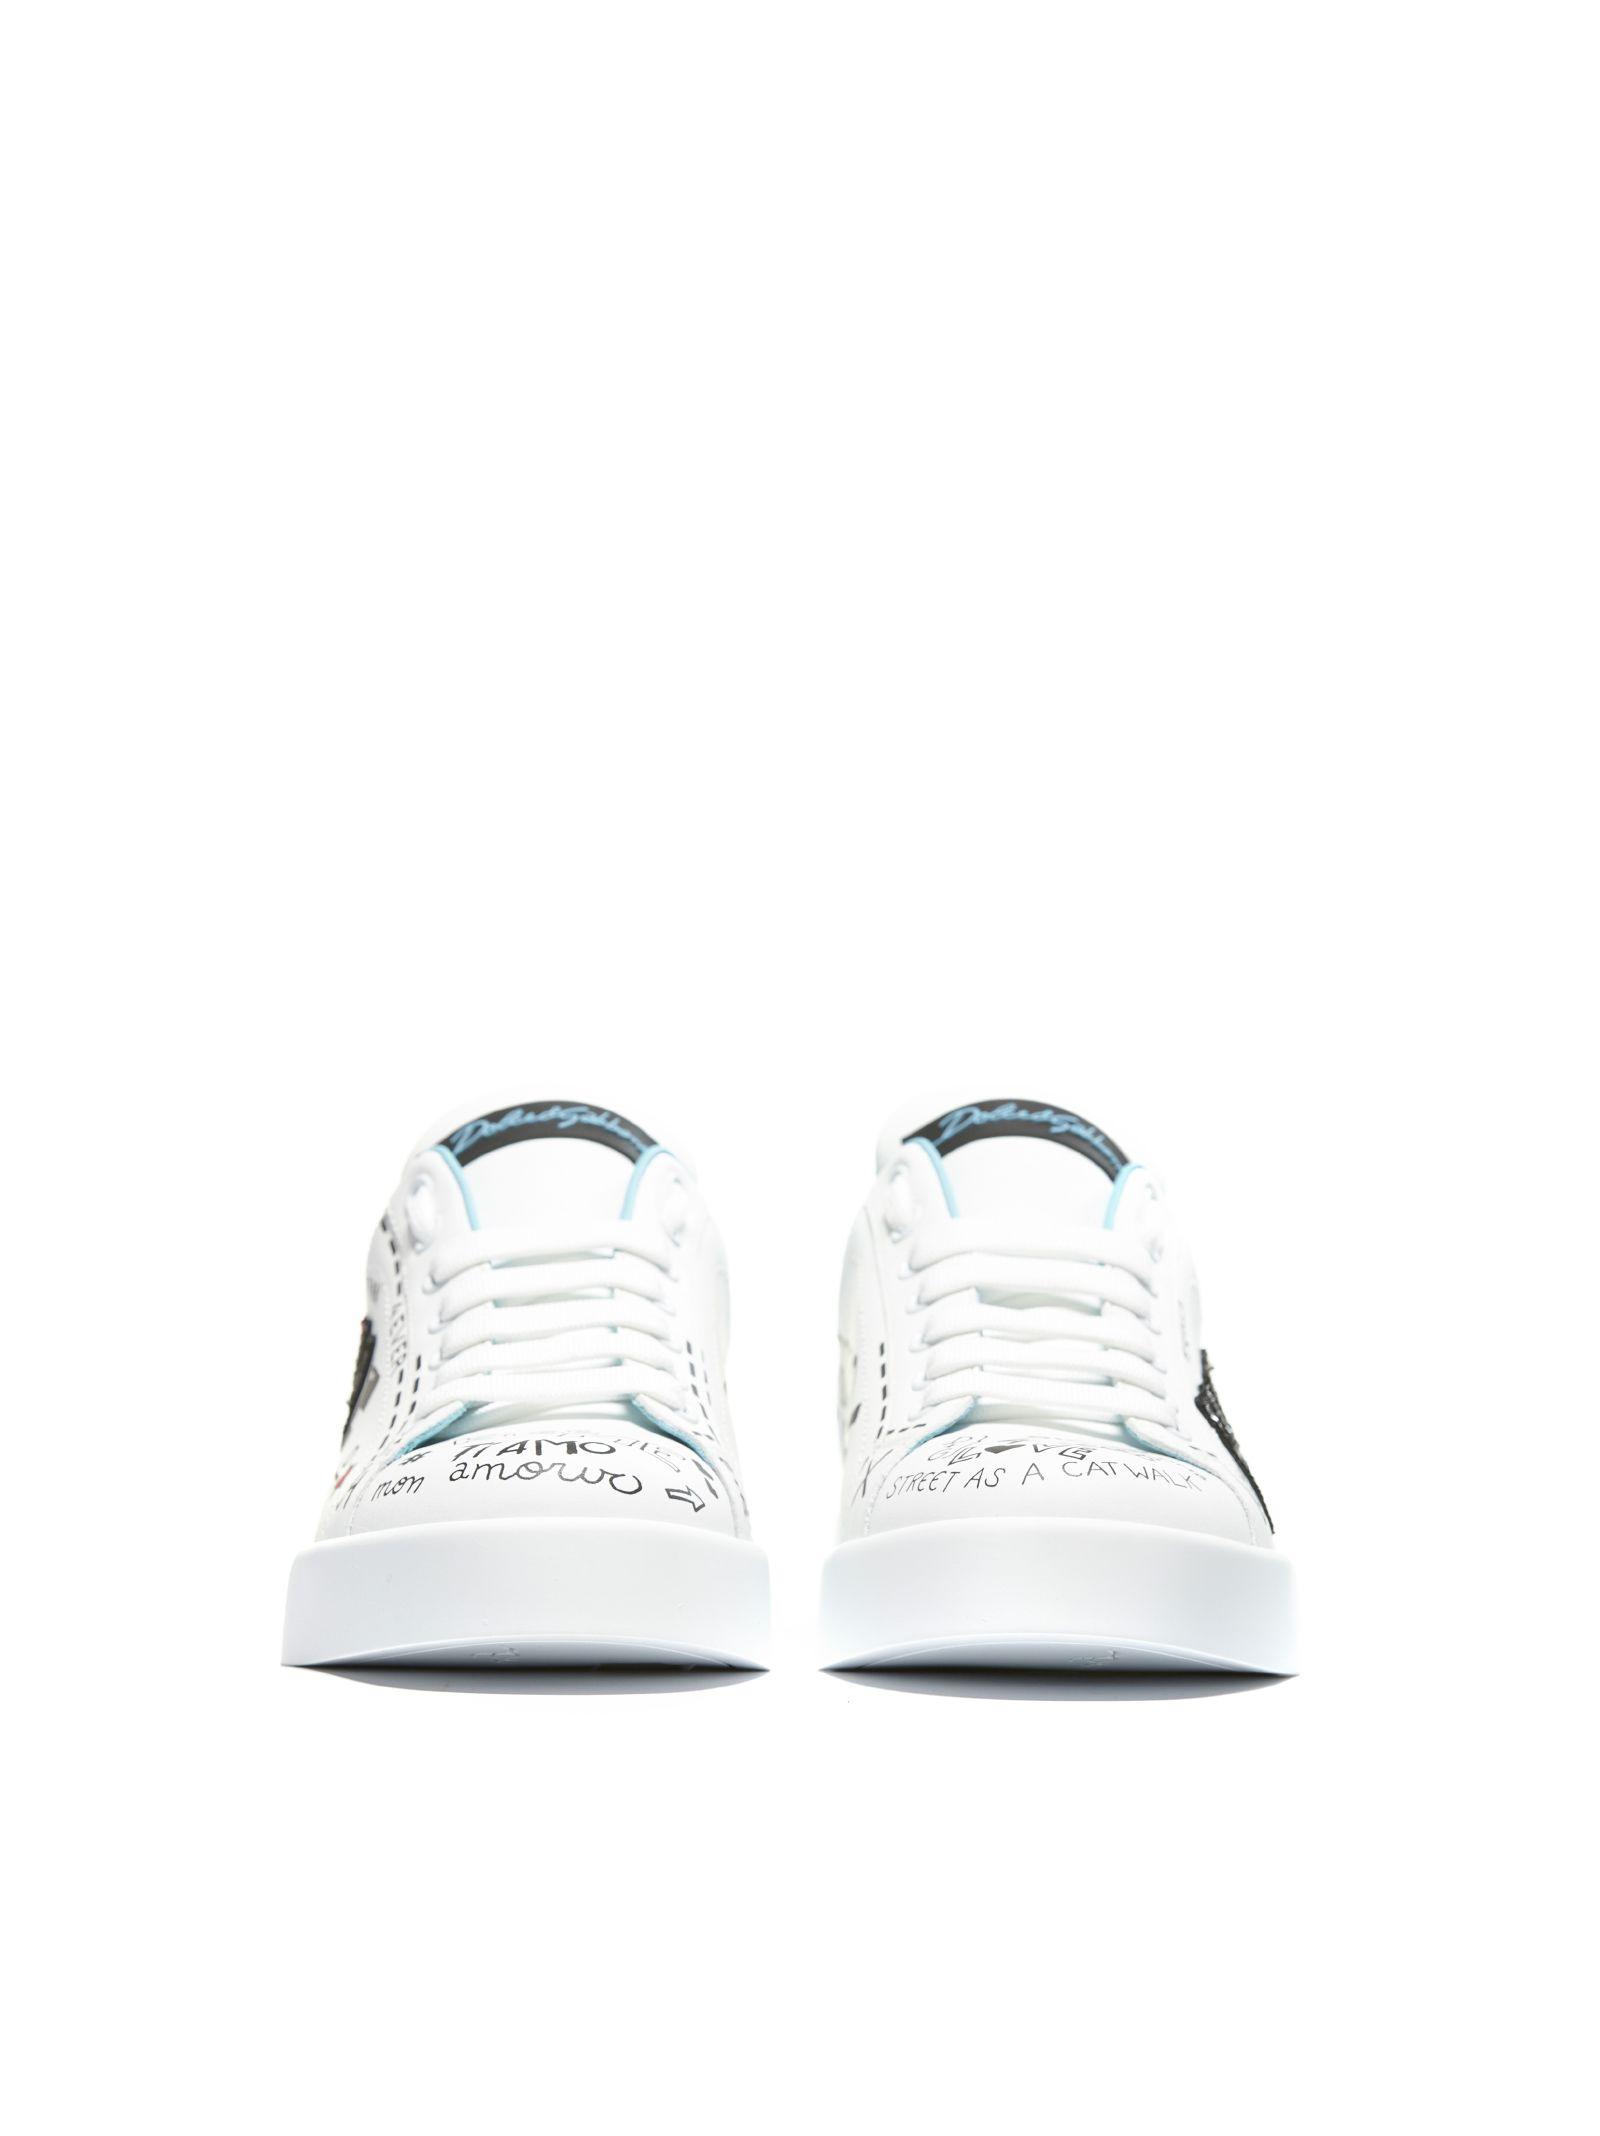 Dolce gabbana love graffiti logo sneakers bianco multicolor